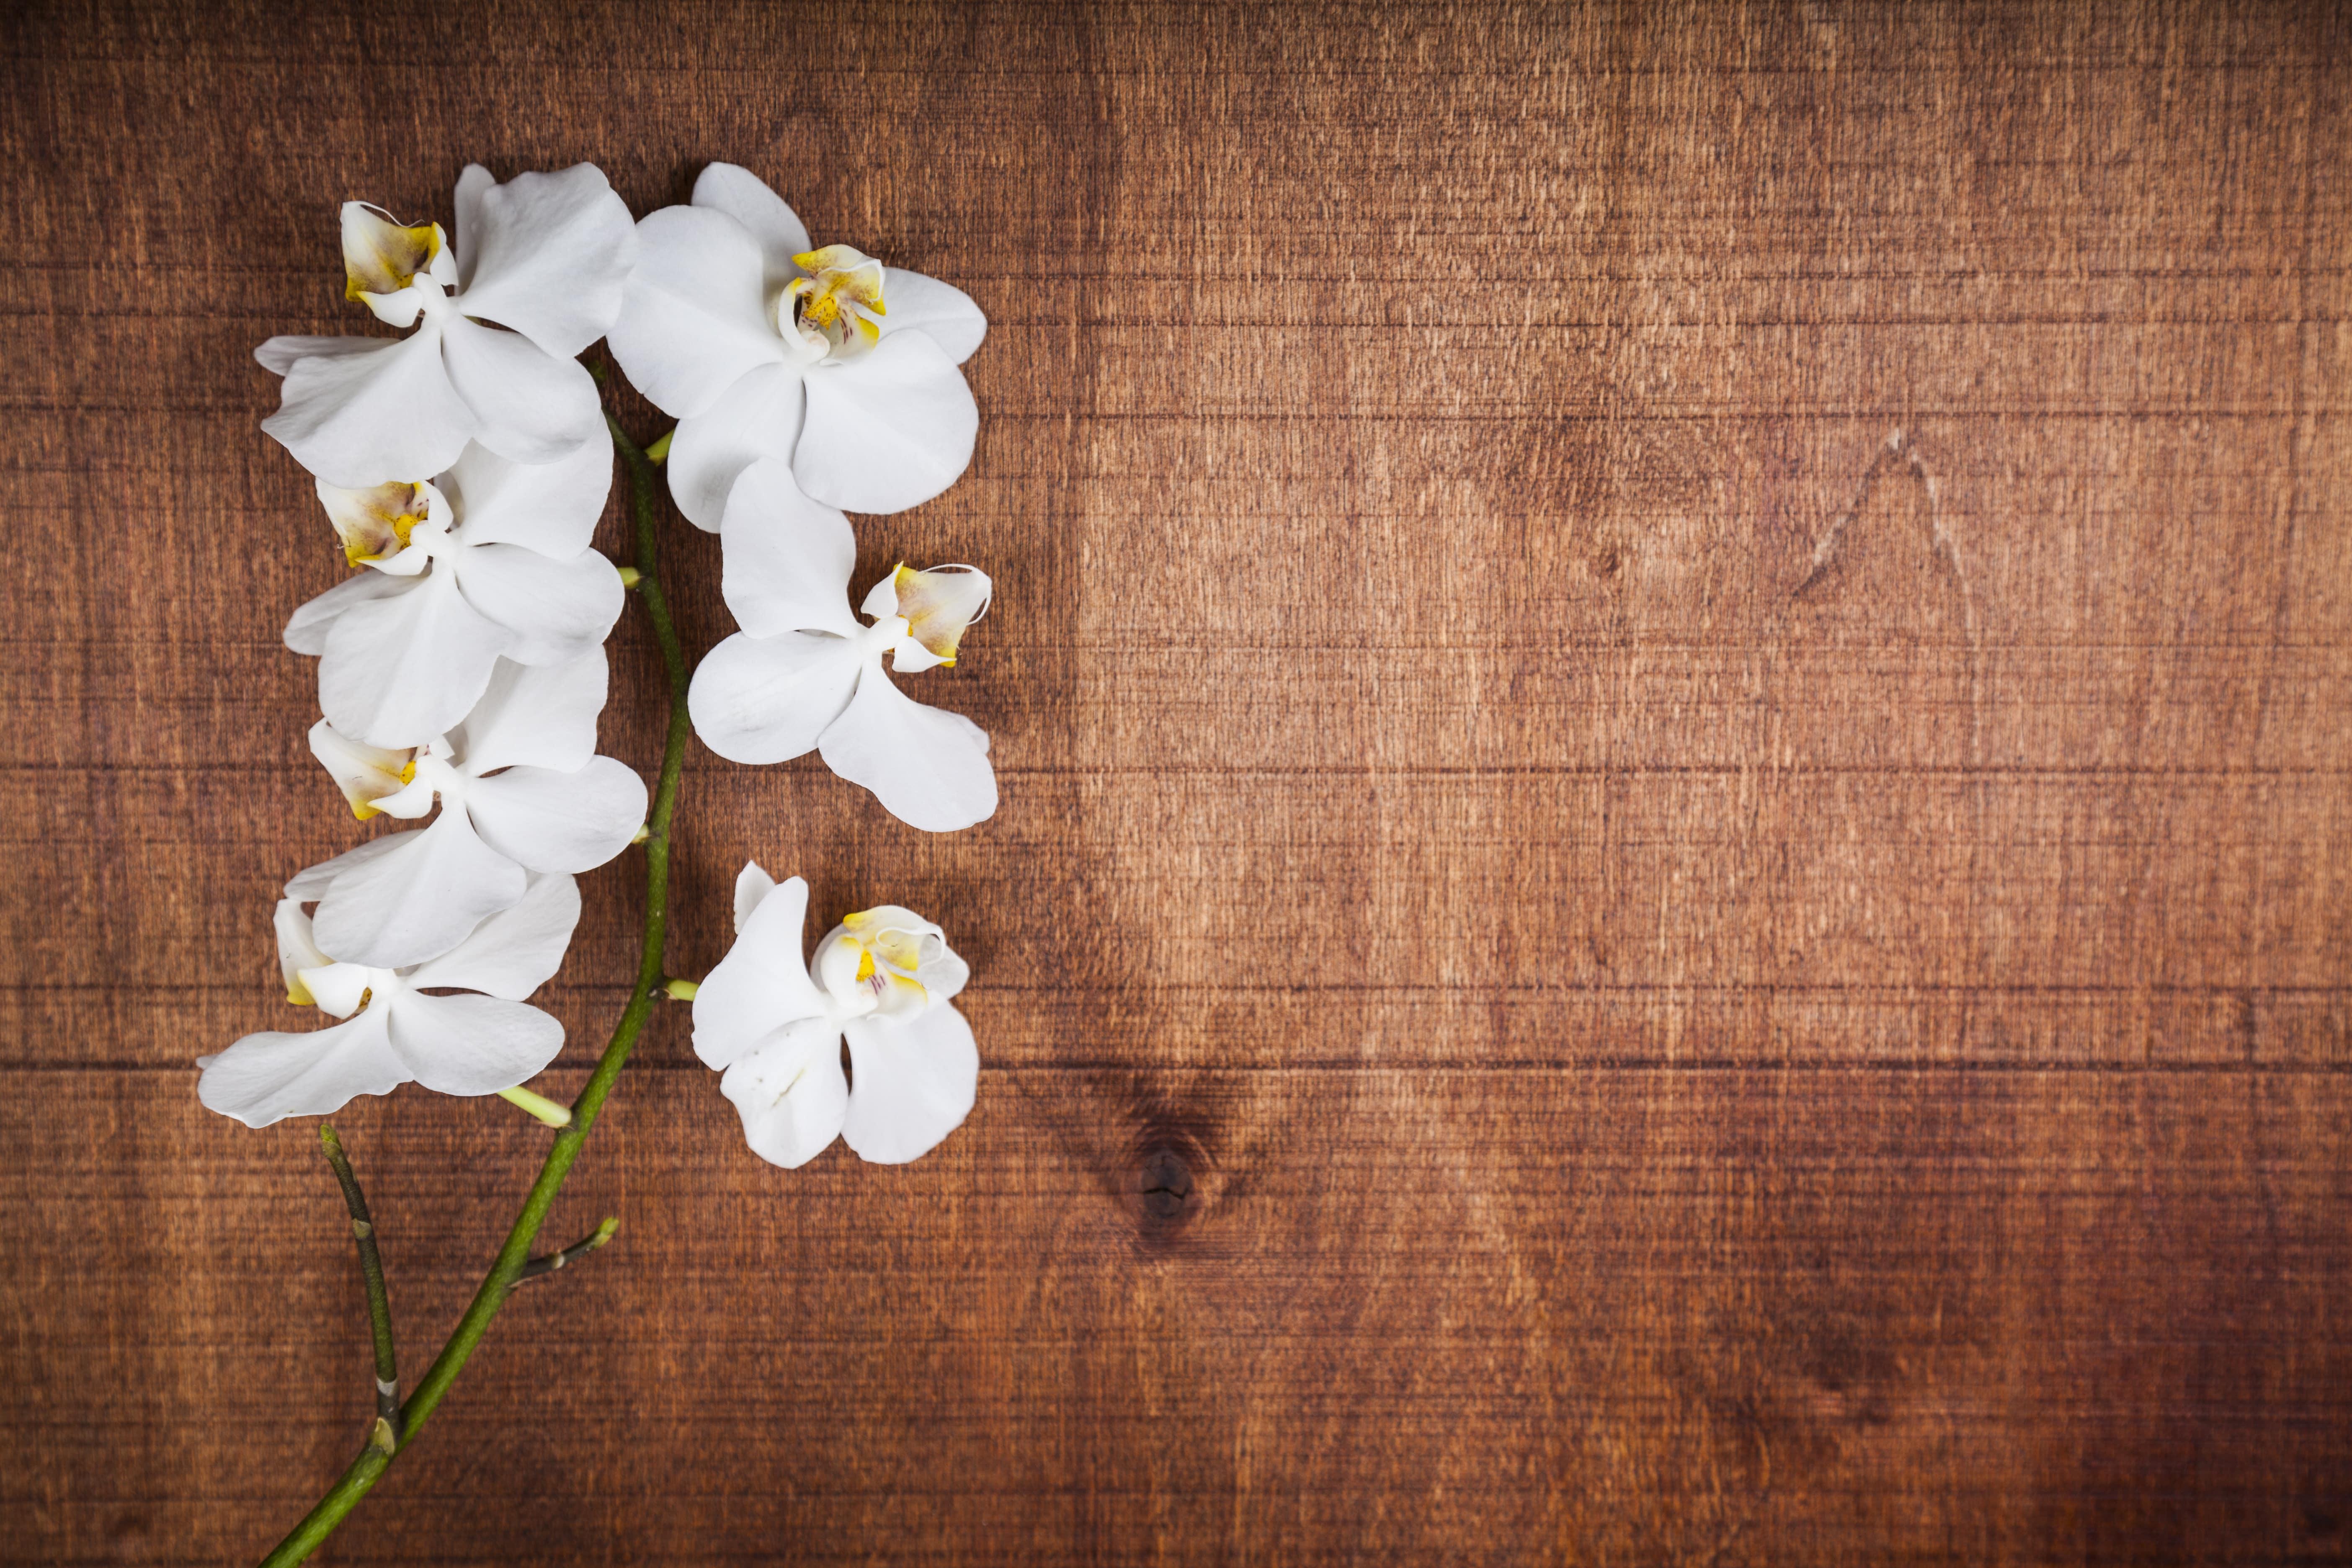 切り花の胡蝶蘭